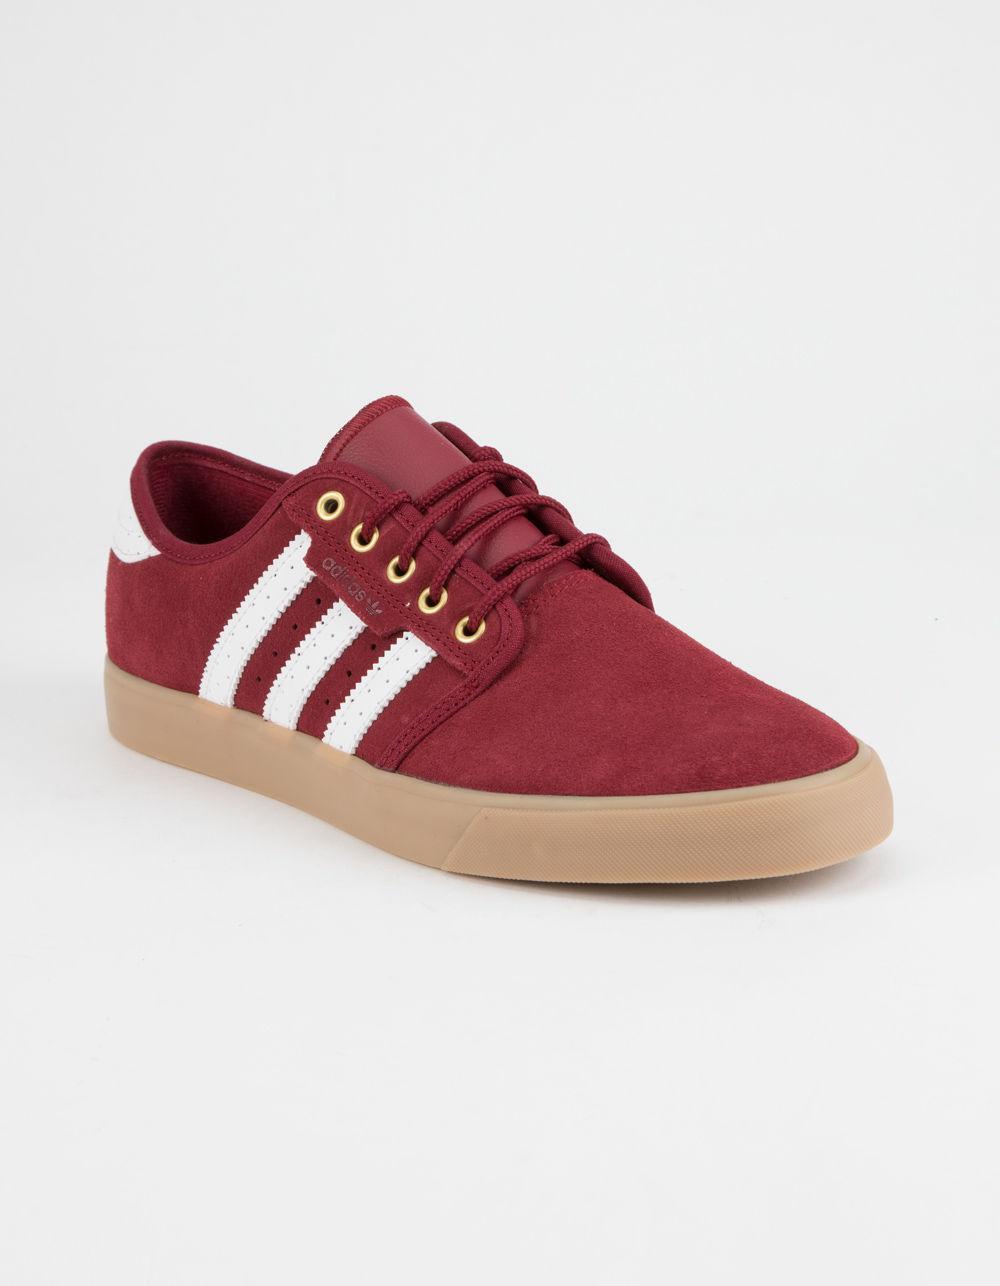 Lyst Adidas Rosso Seeley Borgogna & Gum Uomo Scarpe In Rosso Adidas Per Gli Uomini. 78e60d